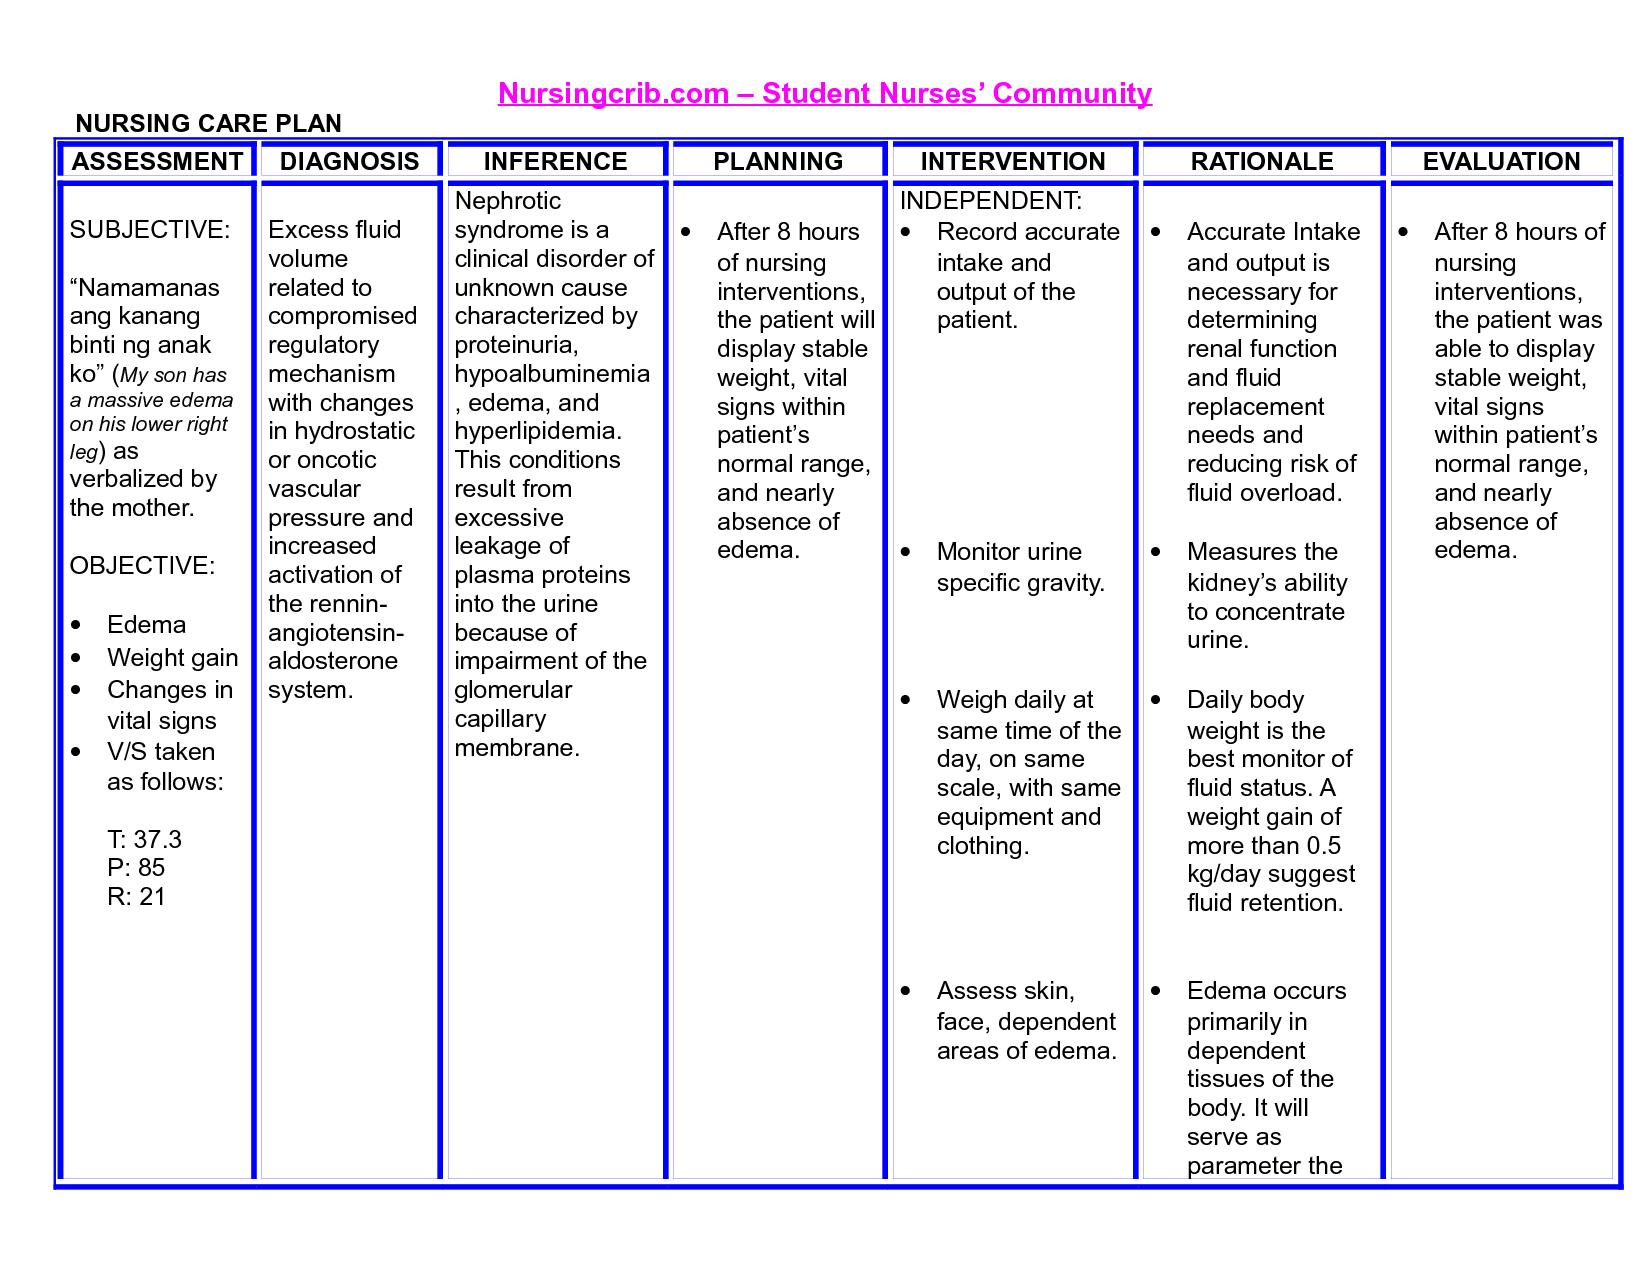 Nanda Nursing Diagnosis Nursing Diagnosis For Epistaxis